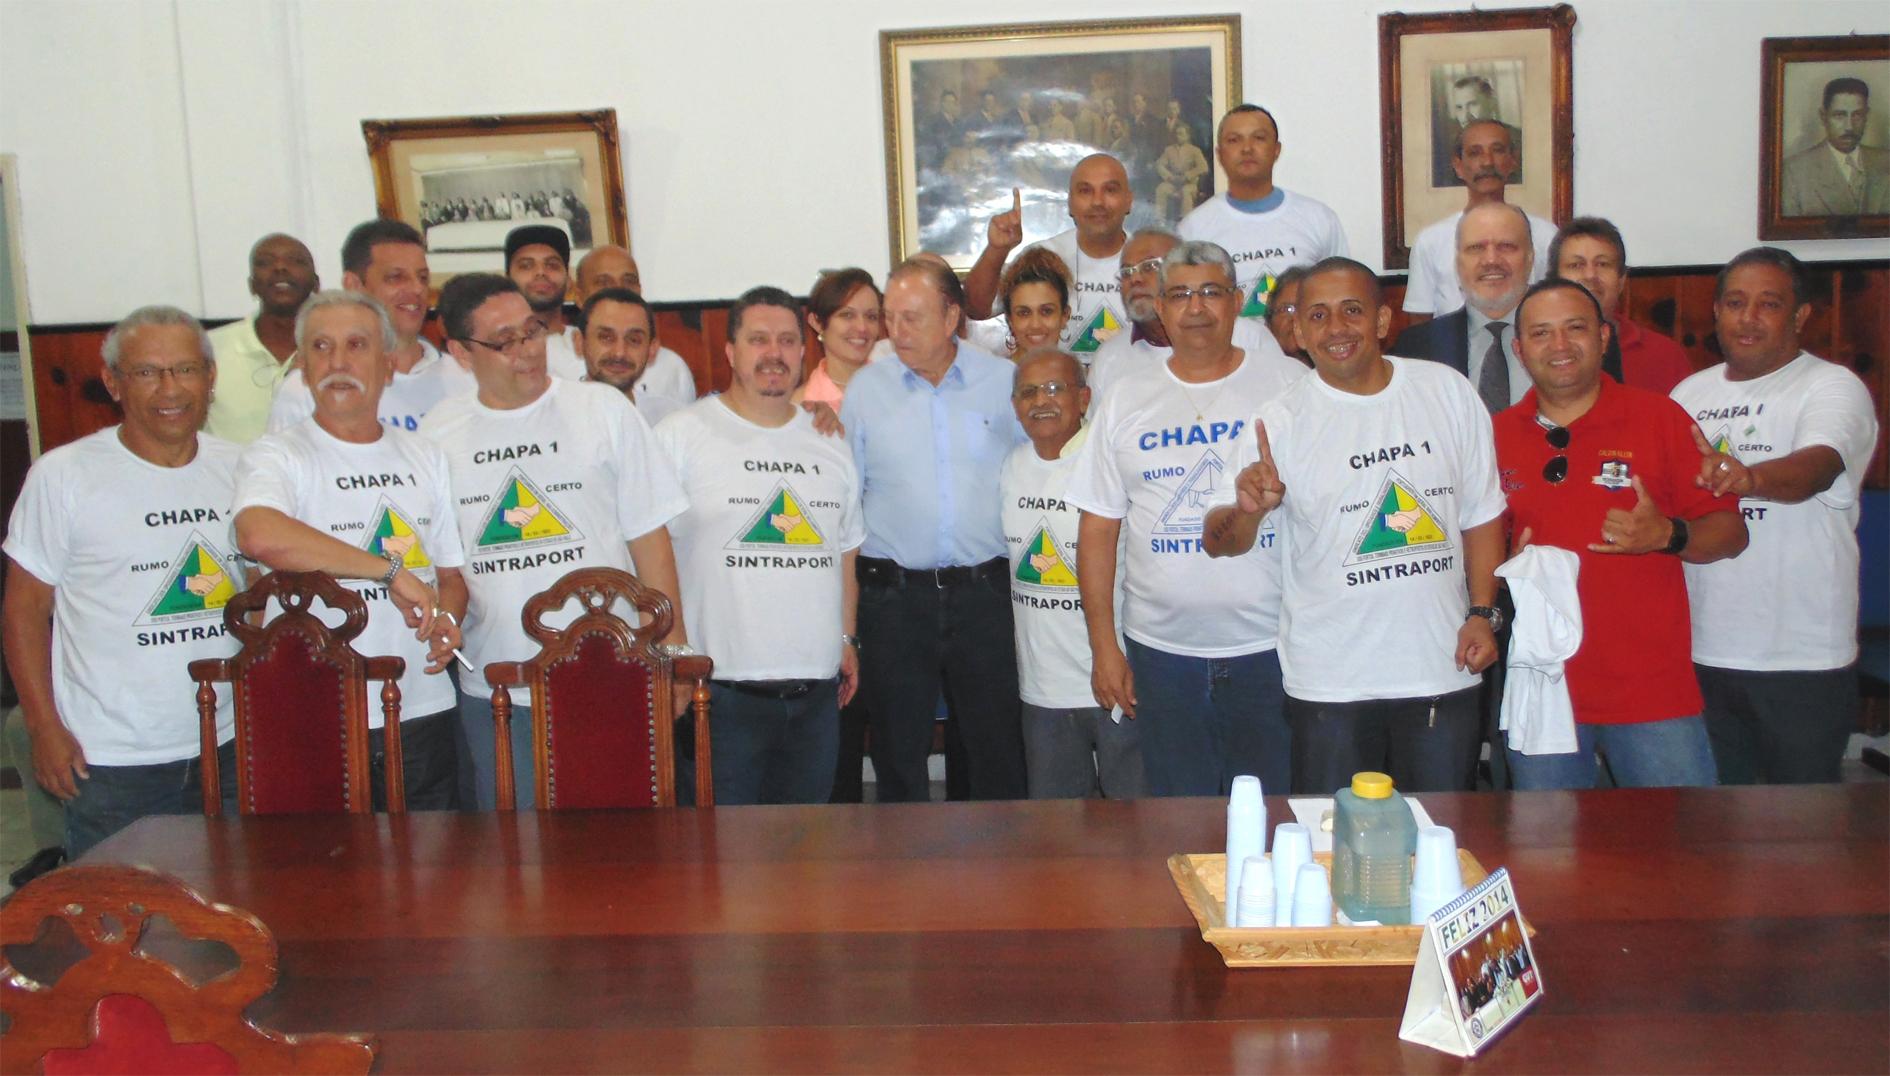 Com a Diretoria do Sindicato dos Portuários de Santos. Reunião histórica.